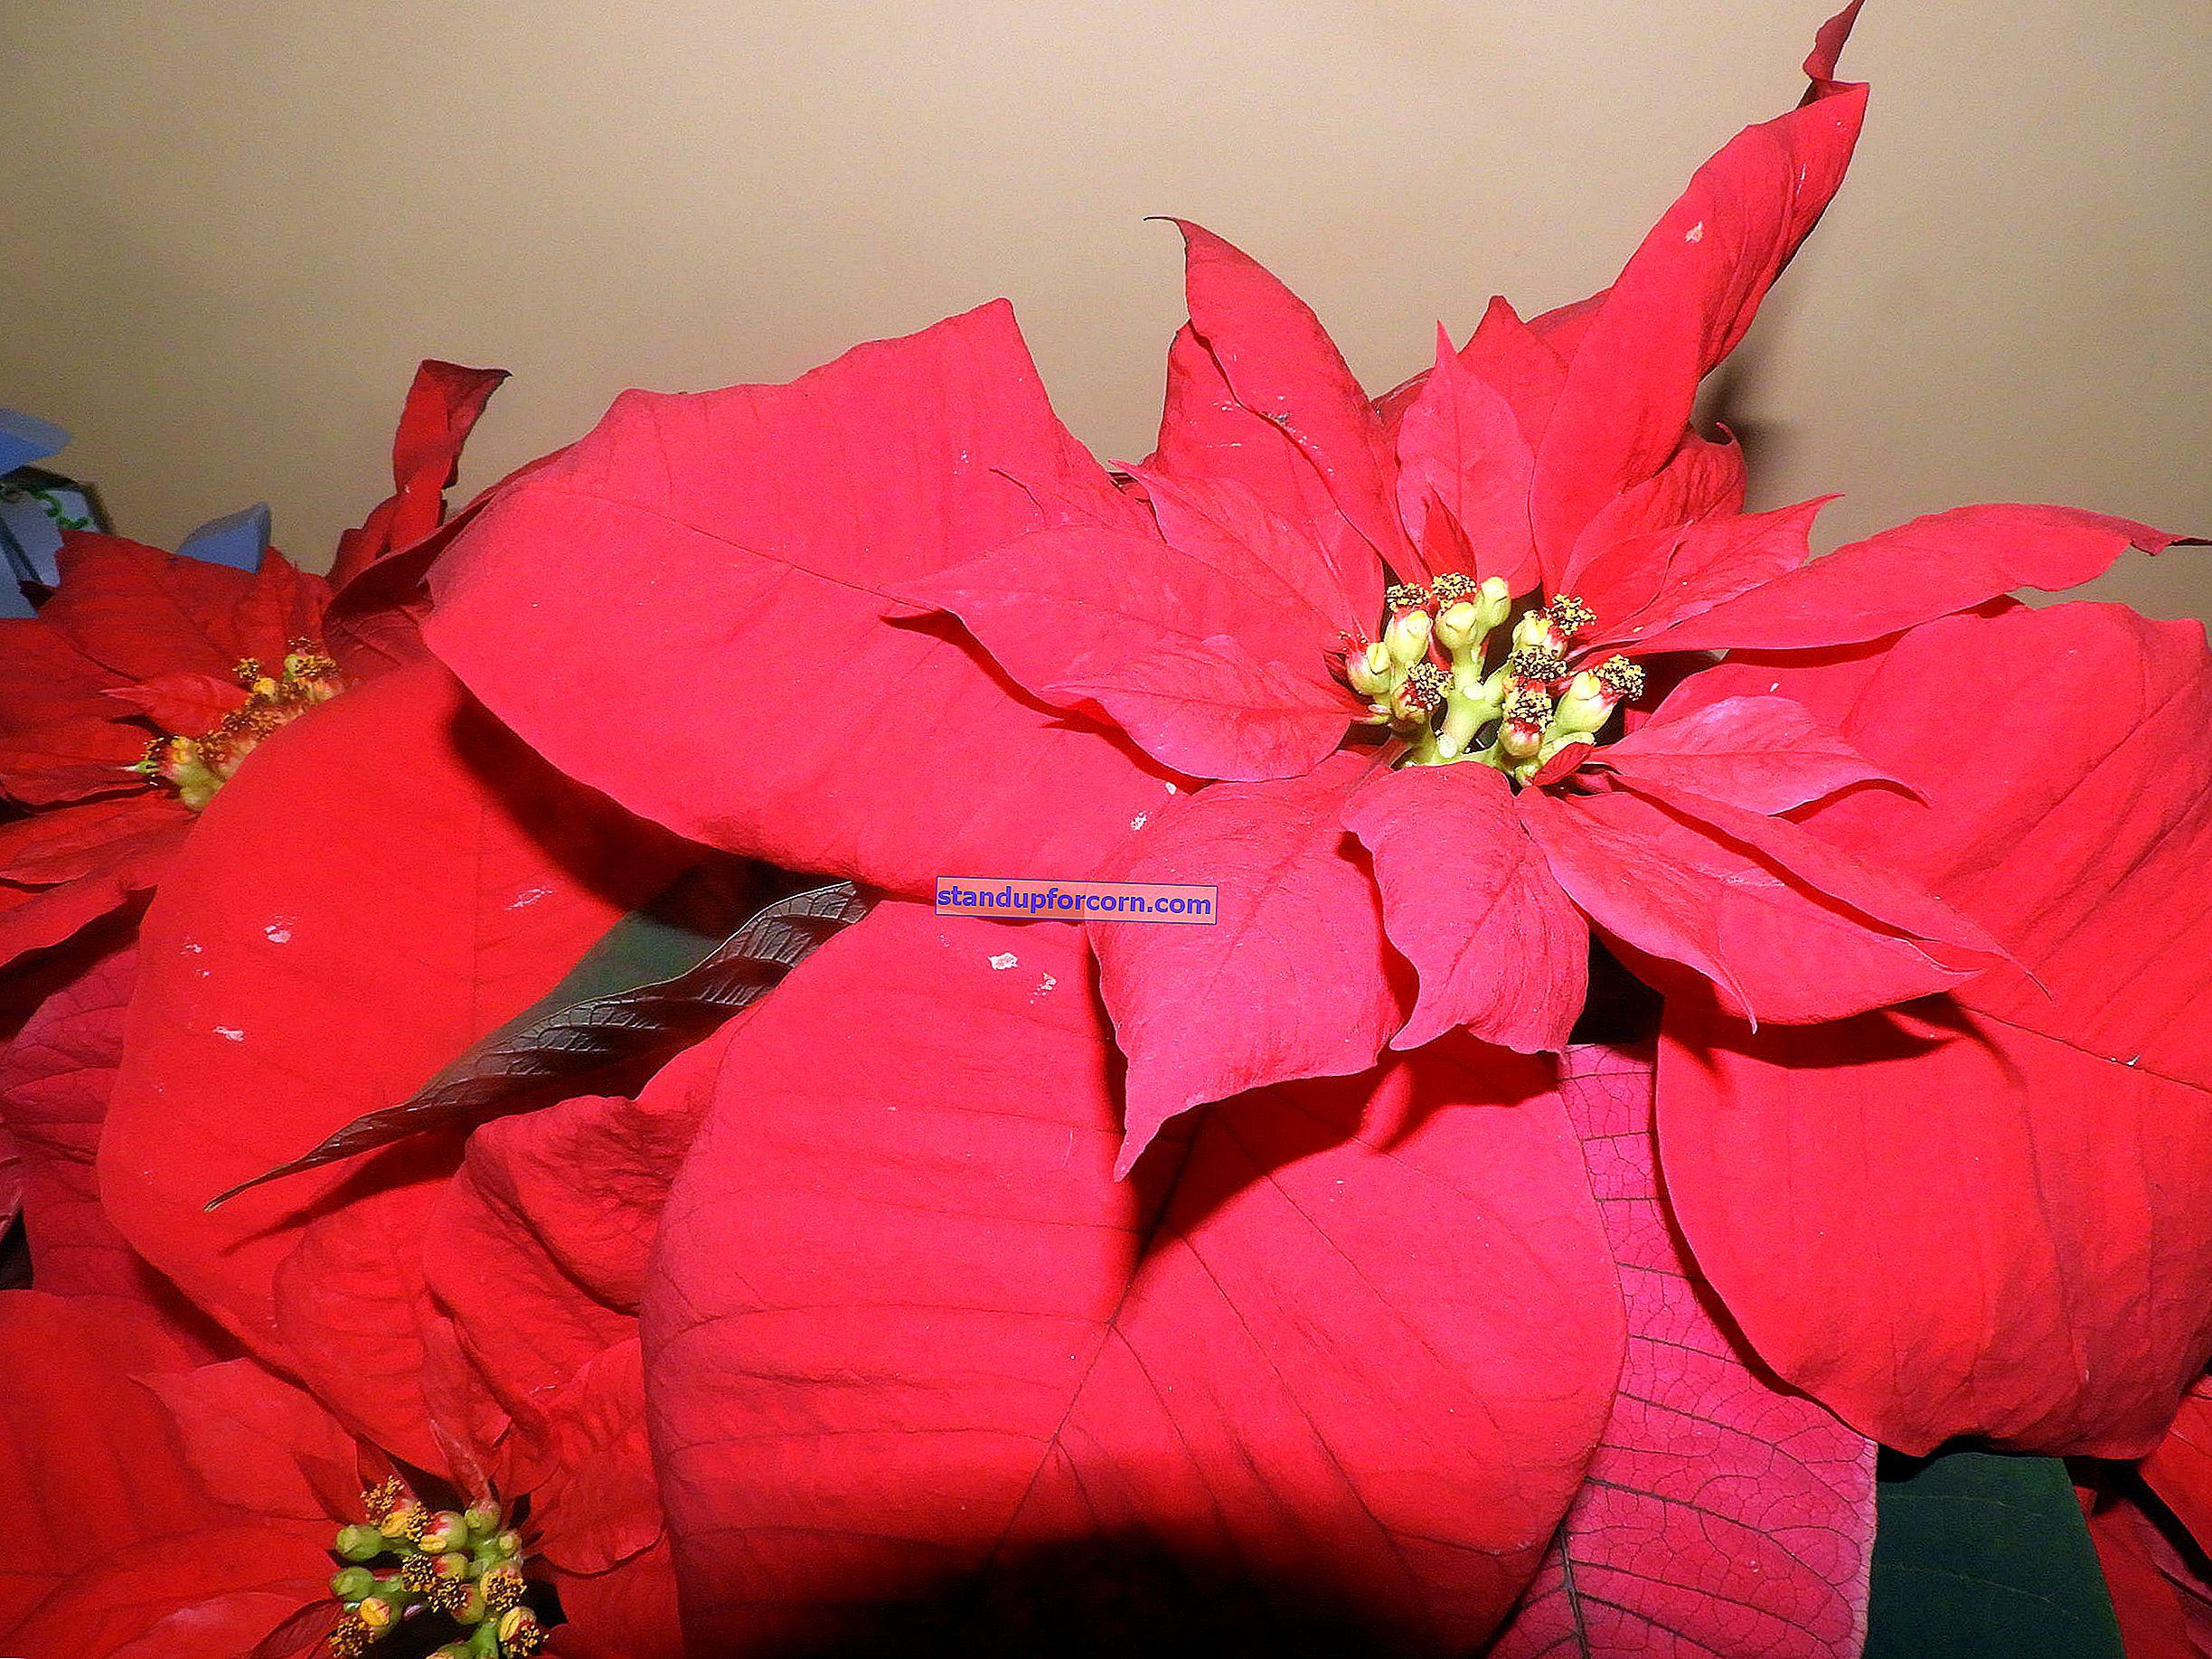 Stjärnan i Betlehem, julstjärna - odling, vård, övervintring